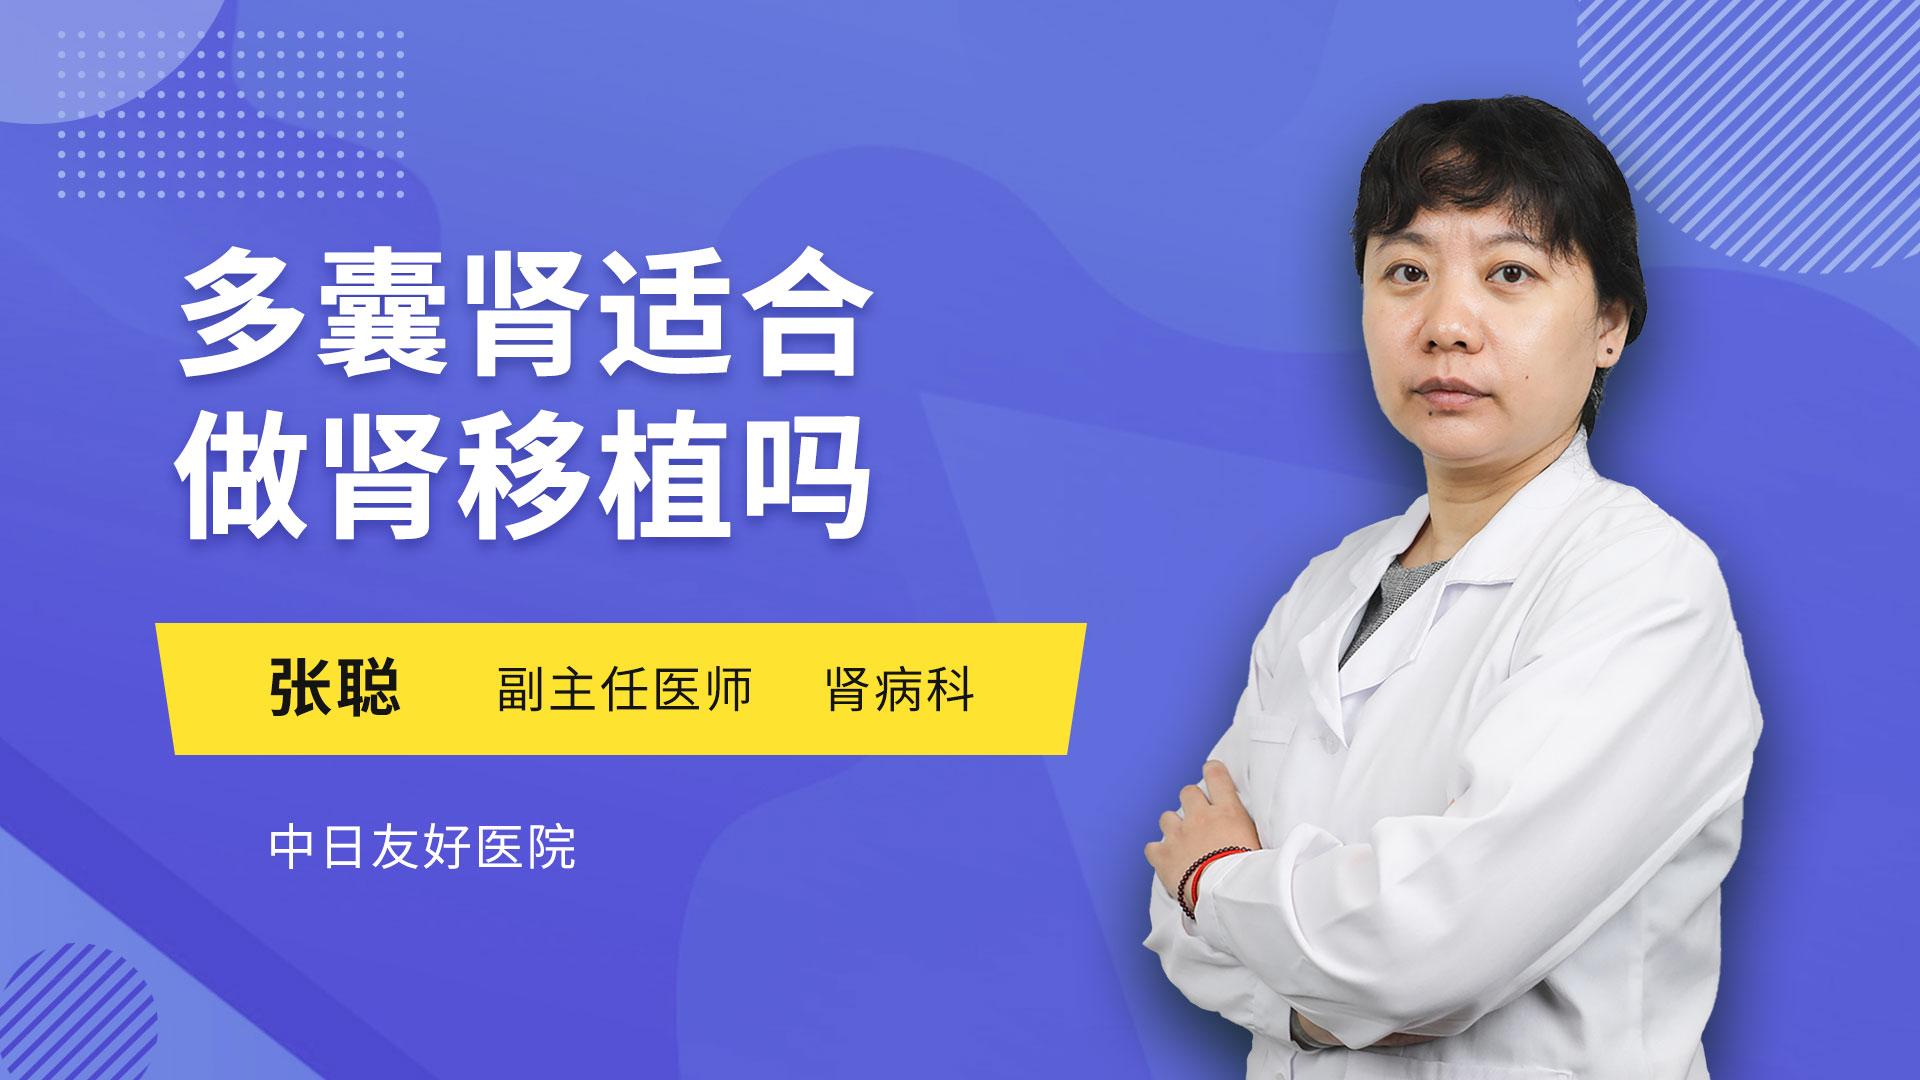 多囊肾适合做肾移植吗